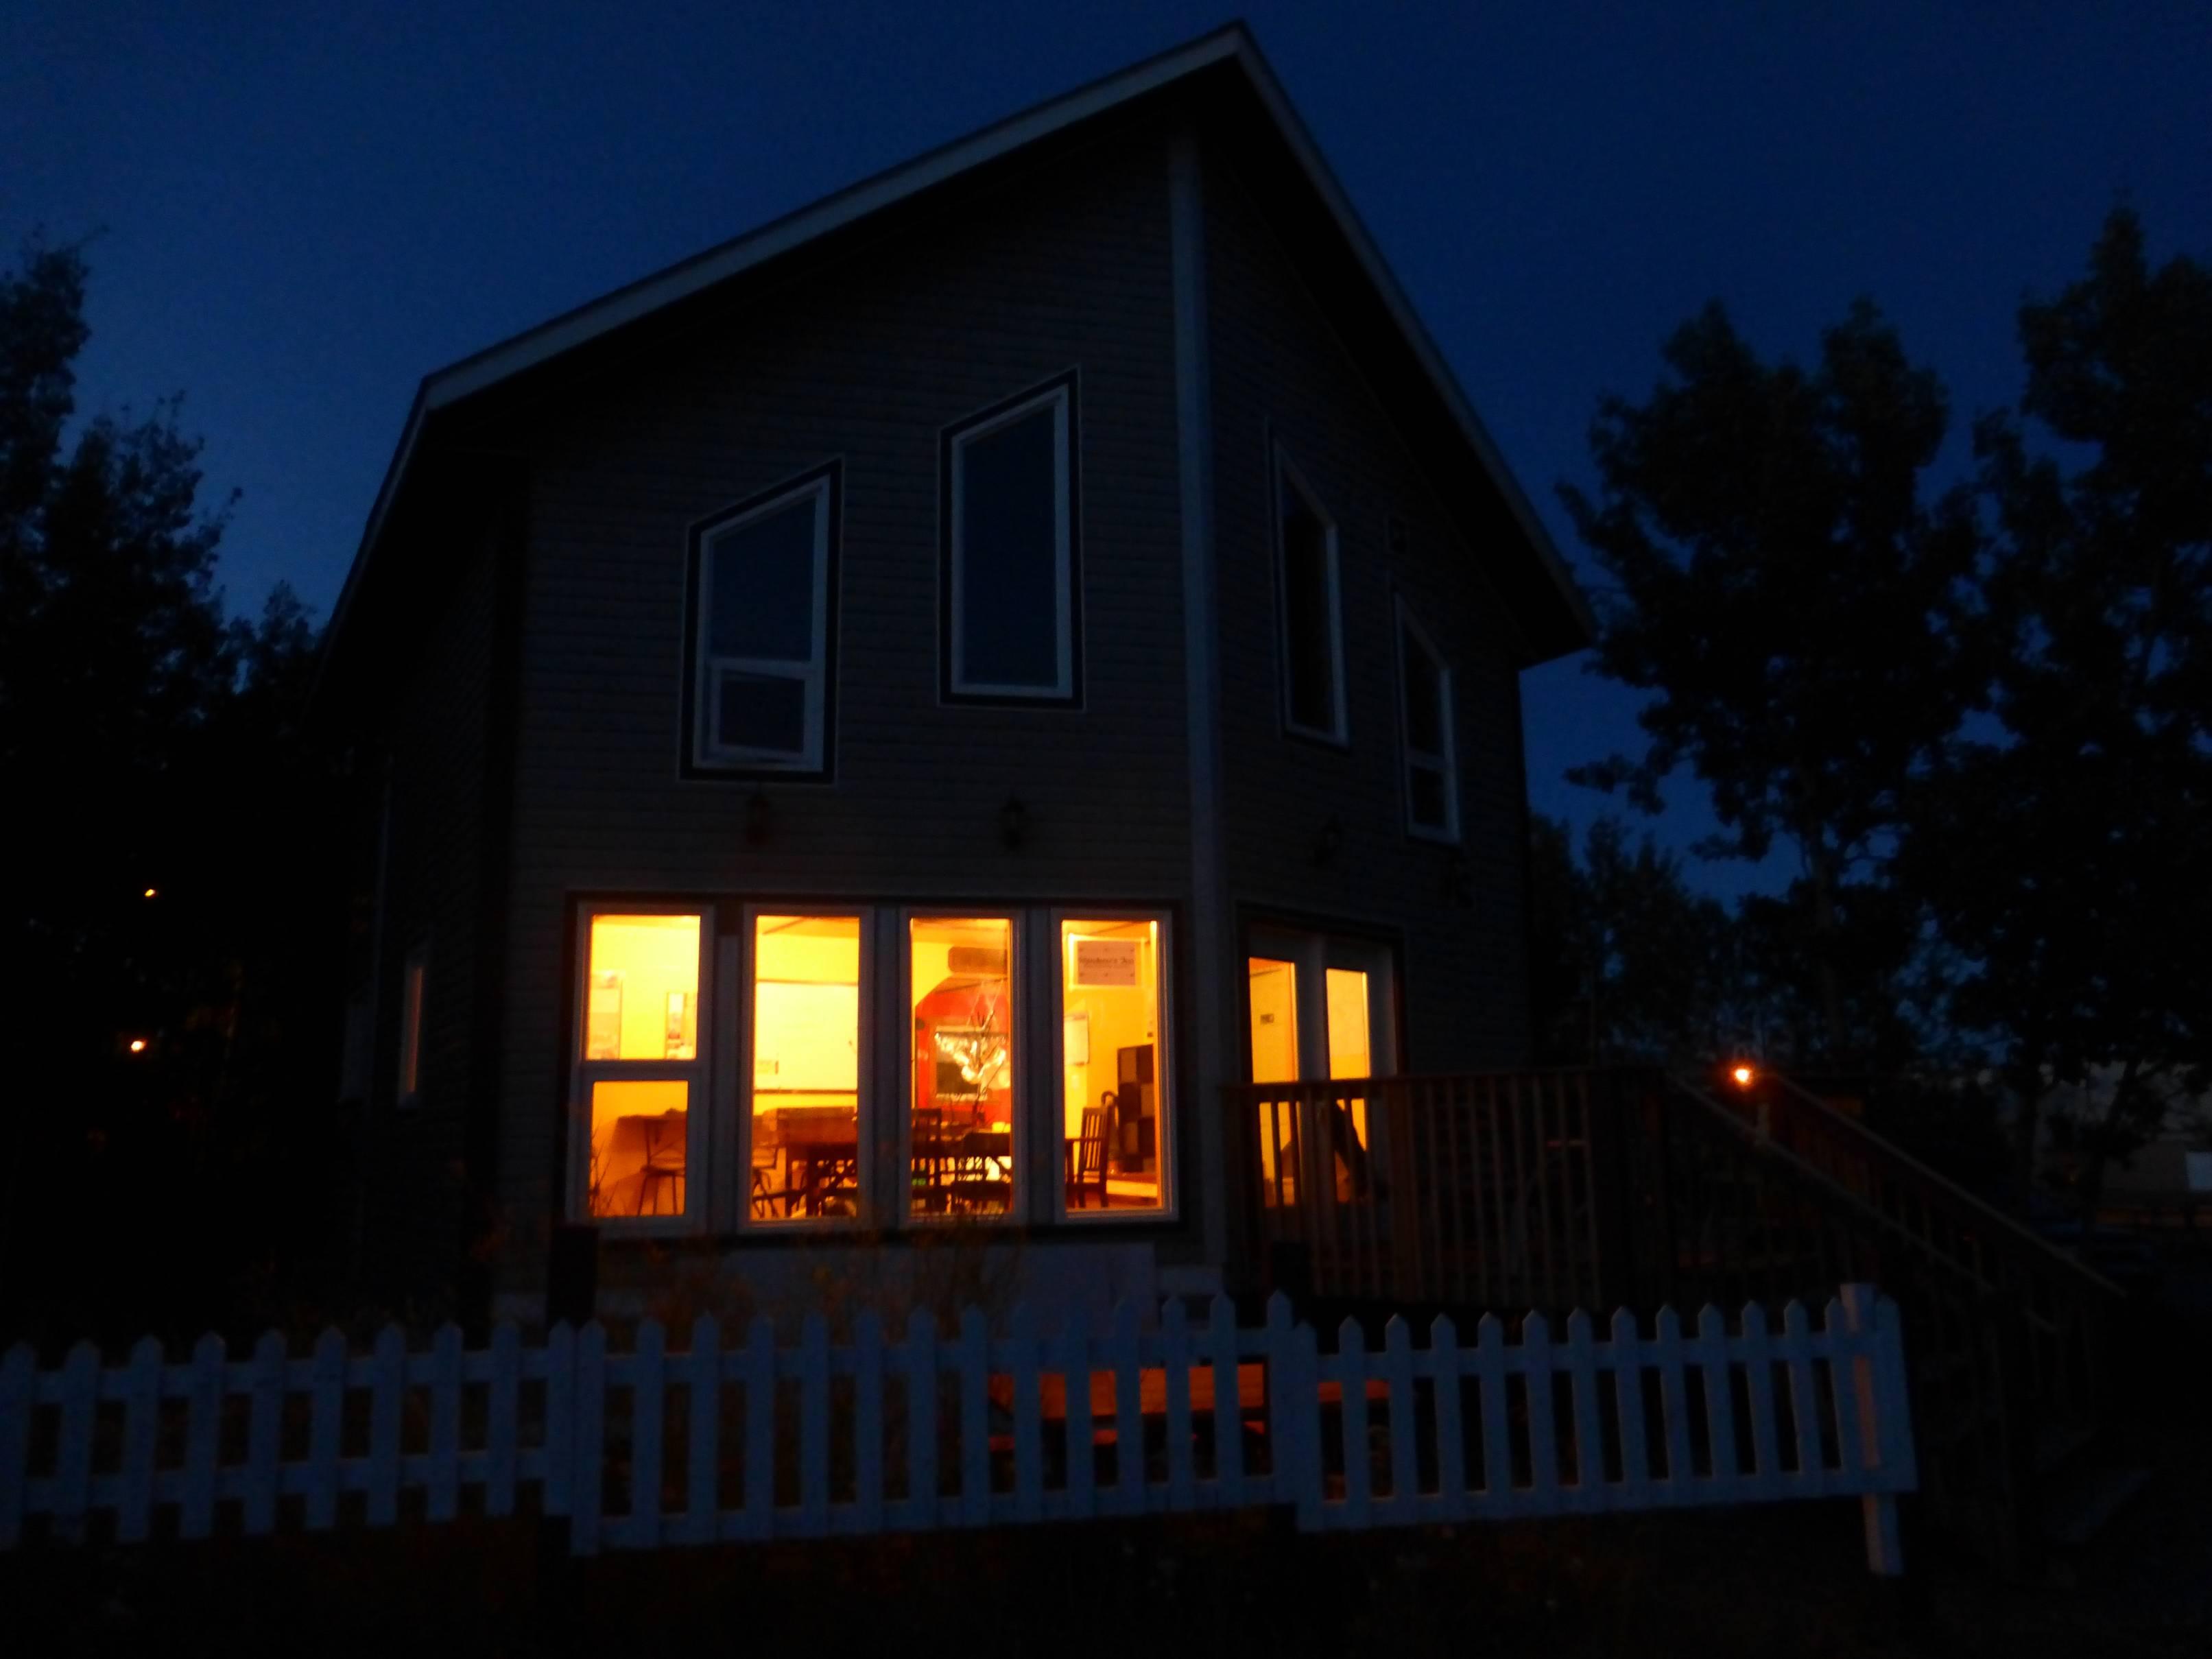 hostel at night